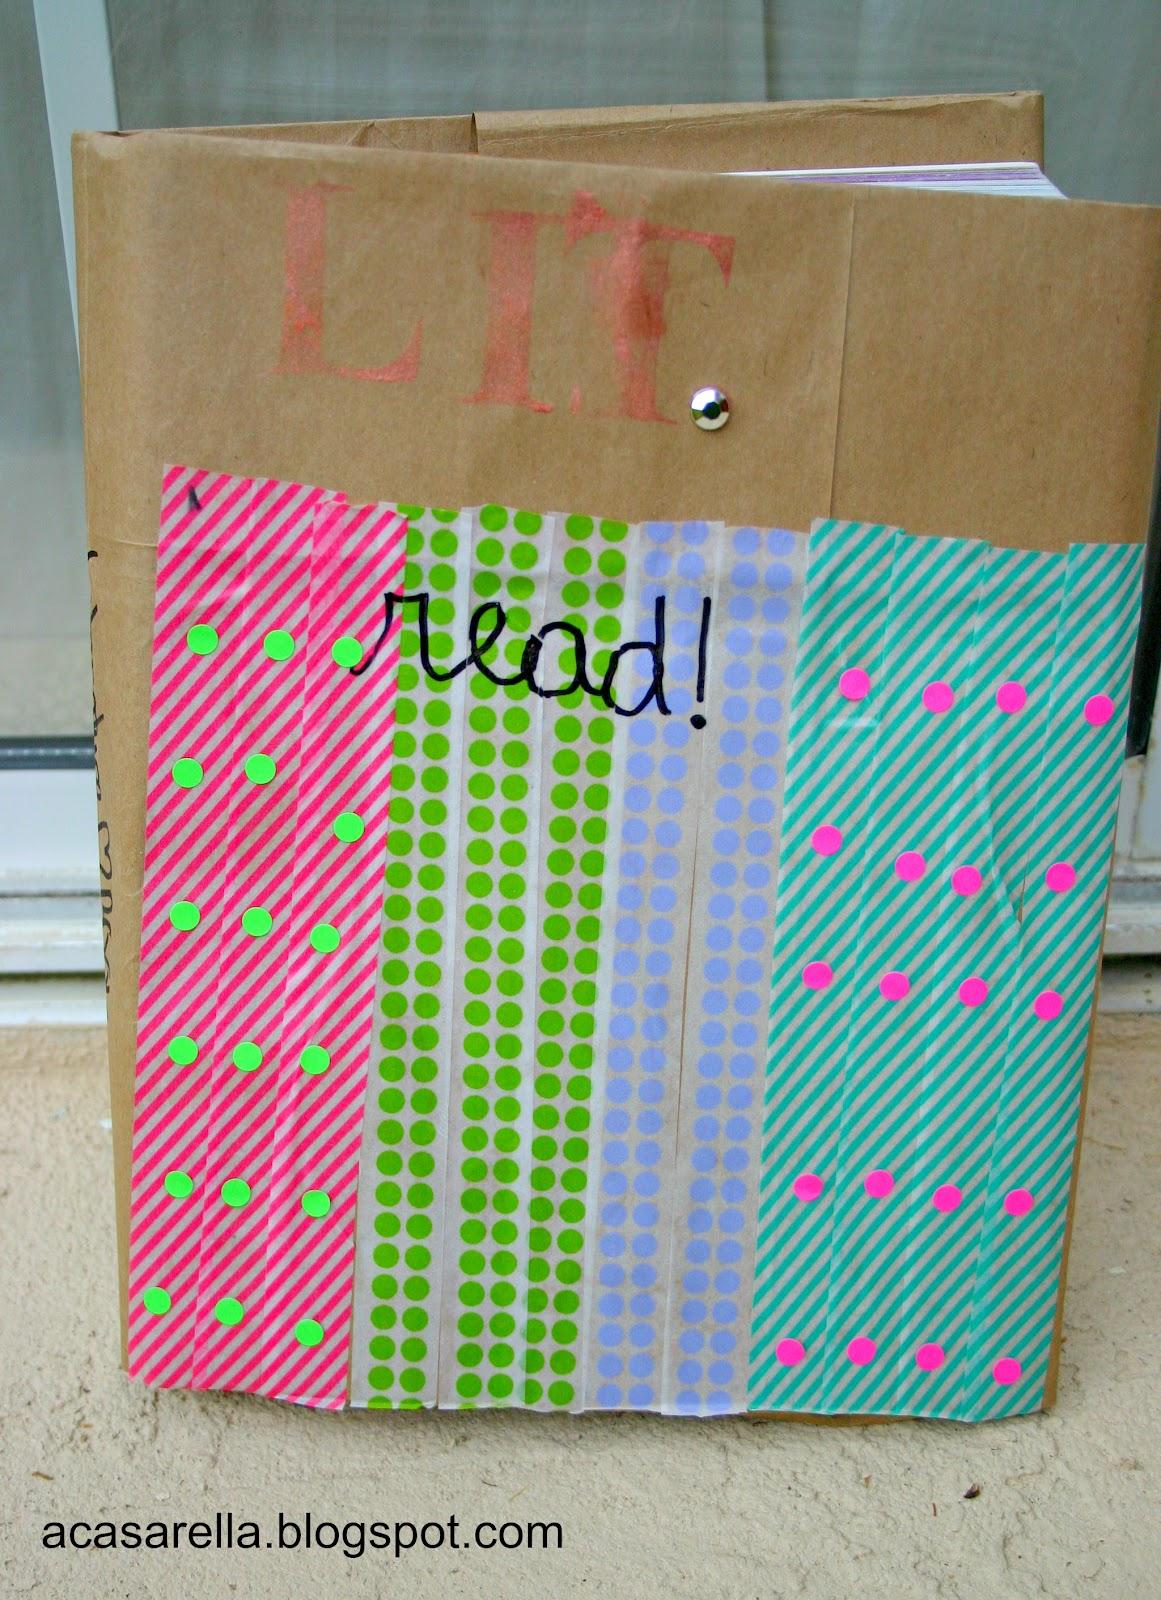 Book Cover Using Paper Bag : Decorating paper bag book covers a casarella